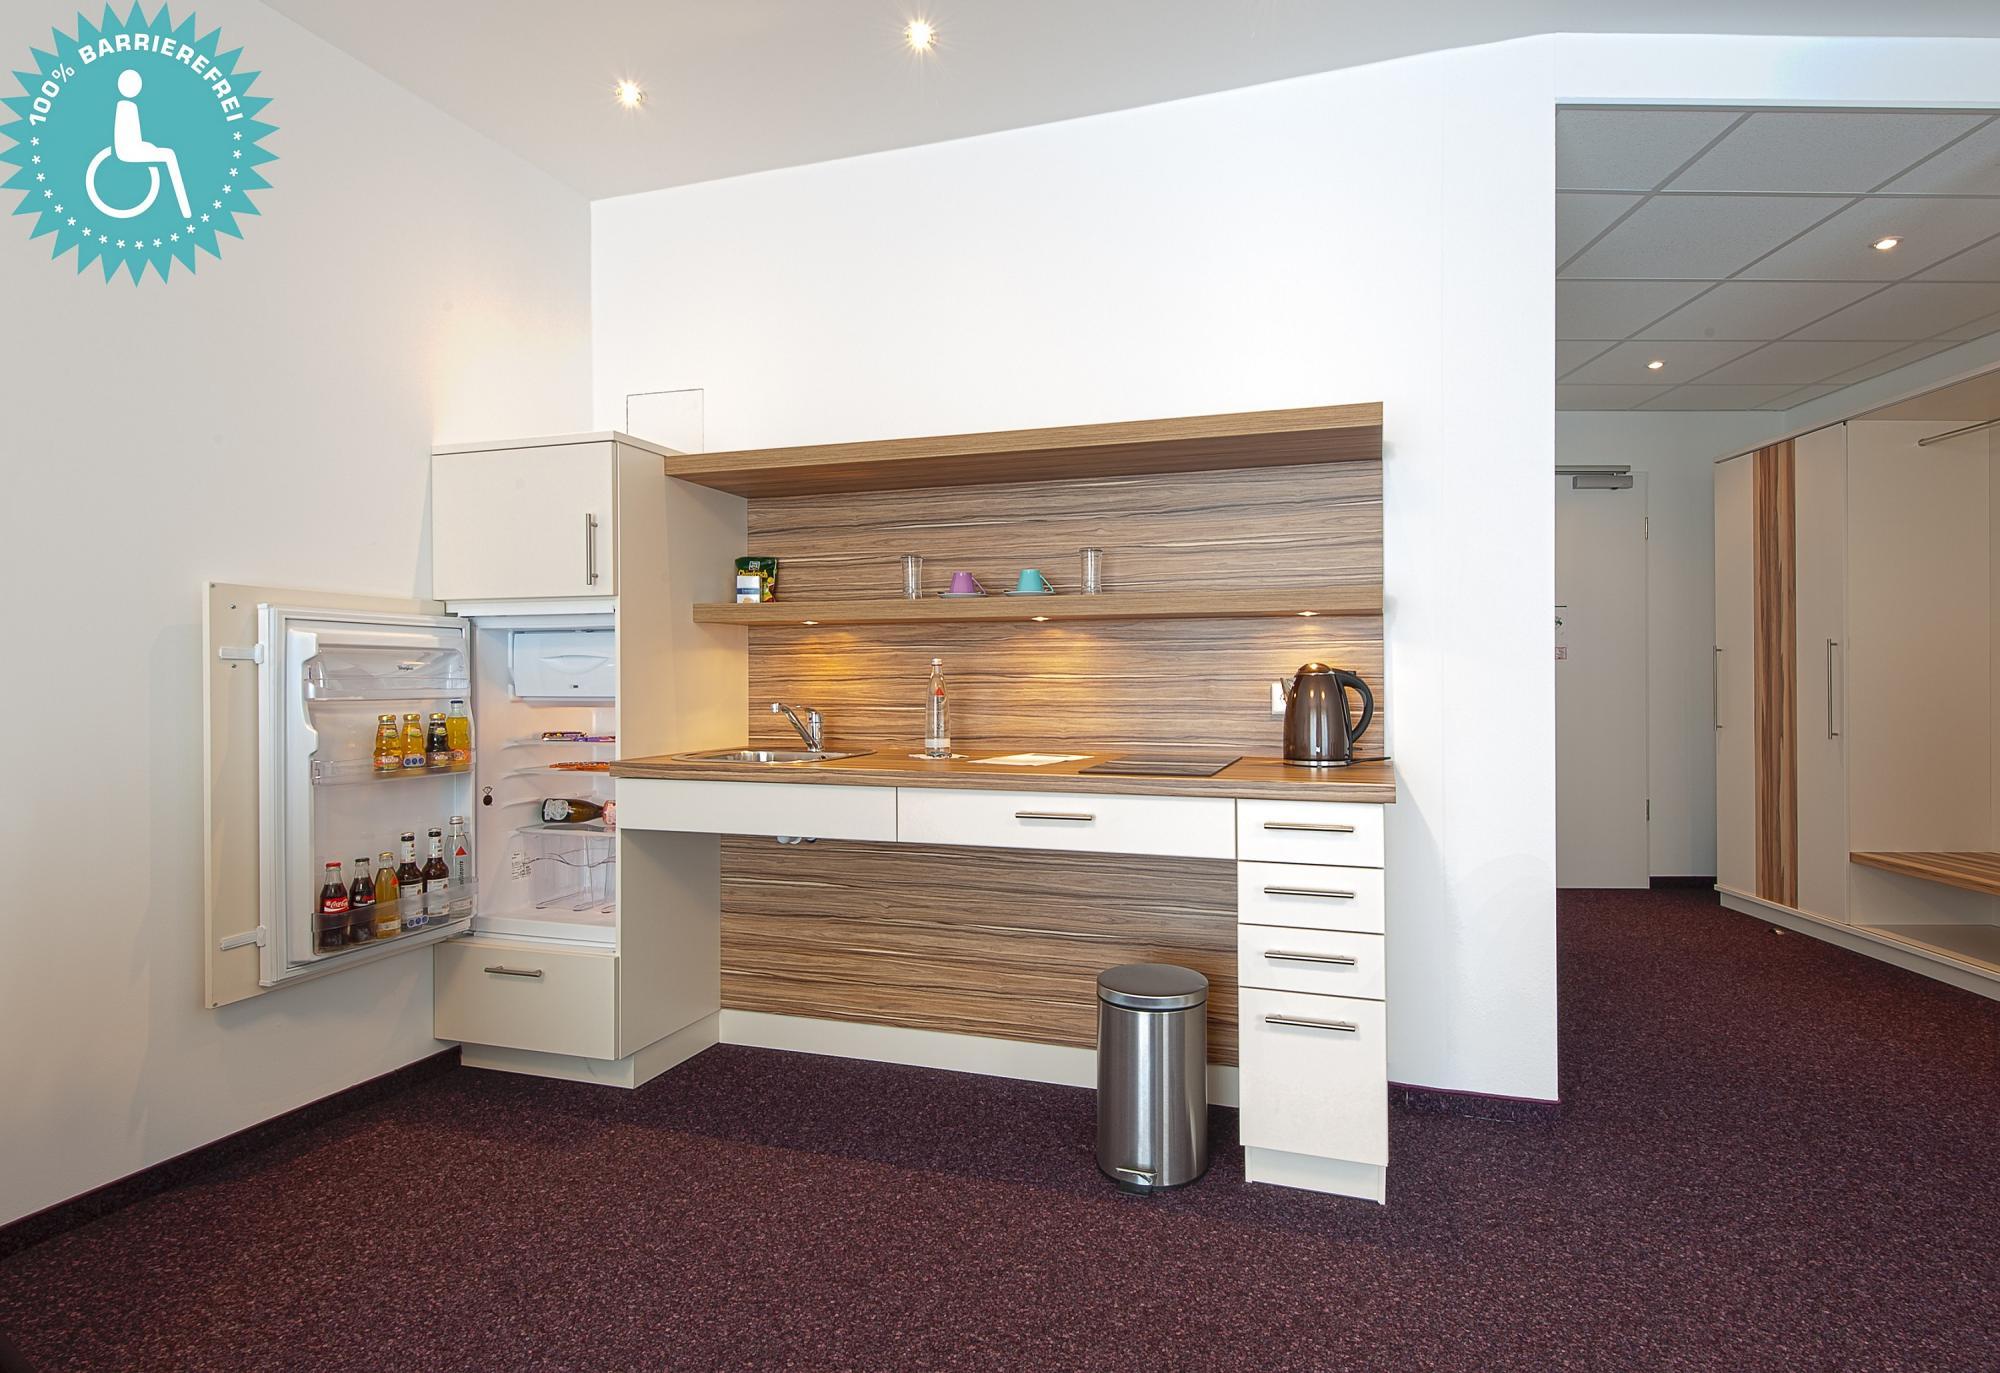 Lichtblick Hotel Garni - Alling